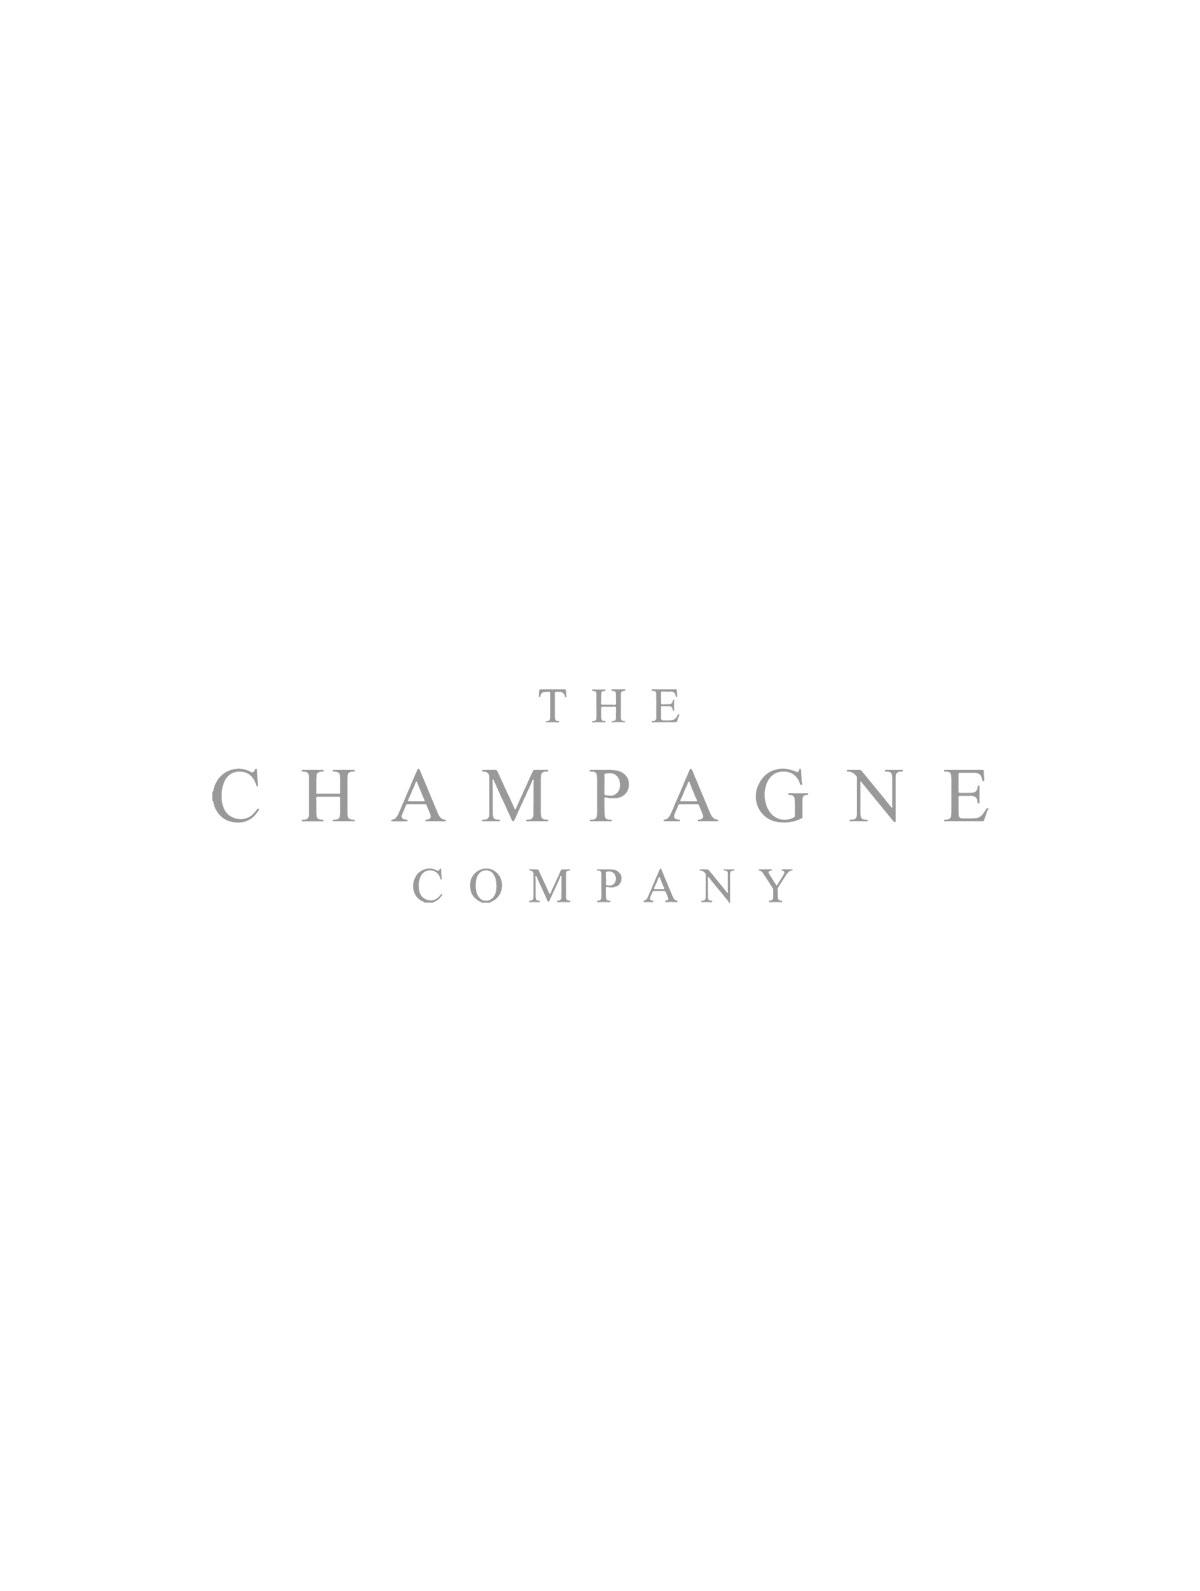 Domaine Ferret Pouilly Fuisse Tete de Cru Les Perrieres 2014 Wine 75cl